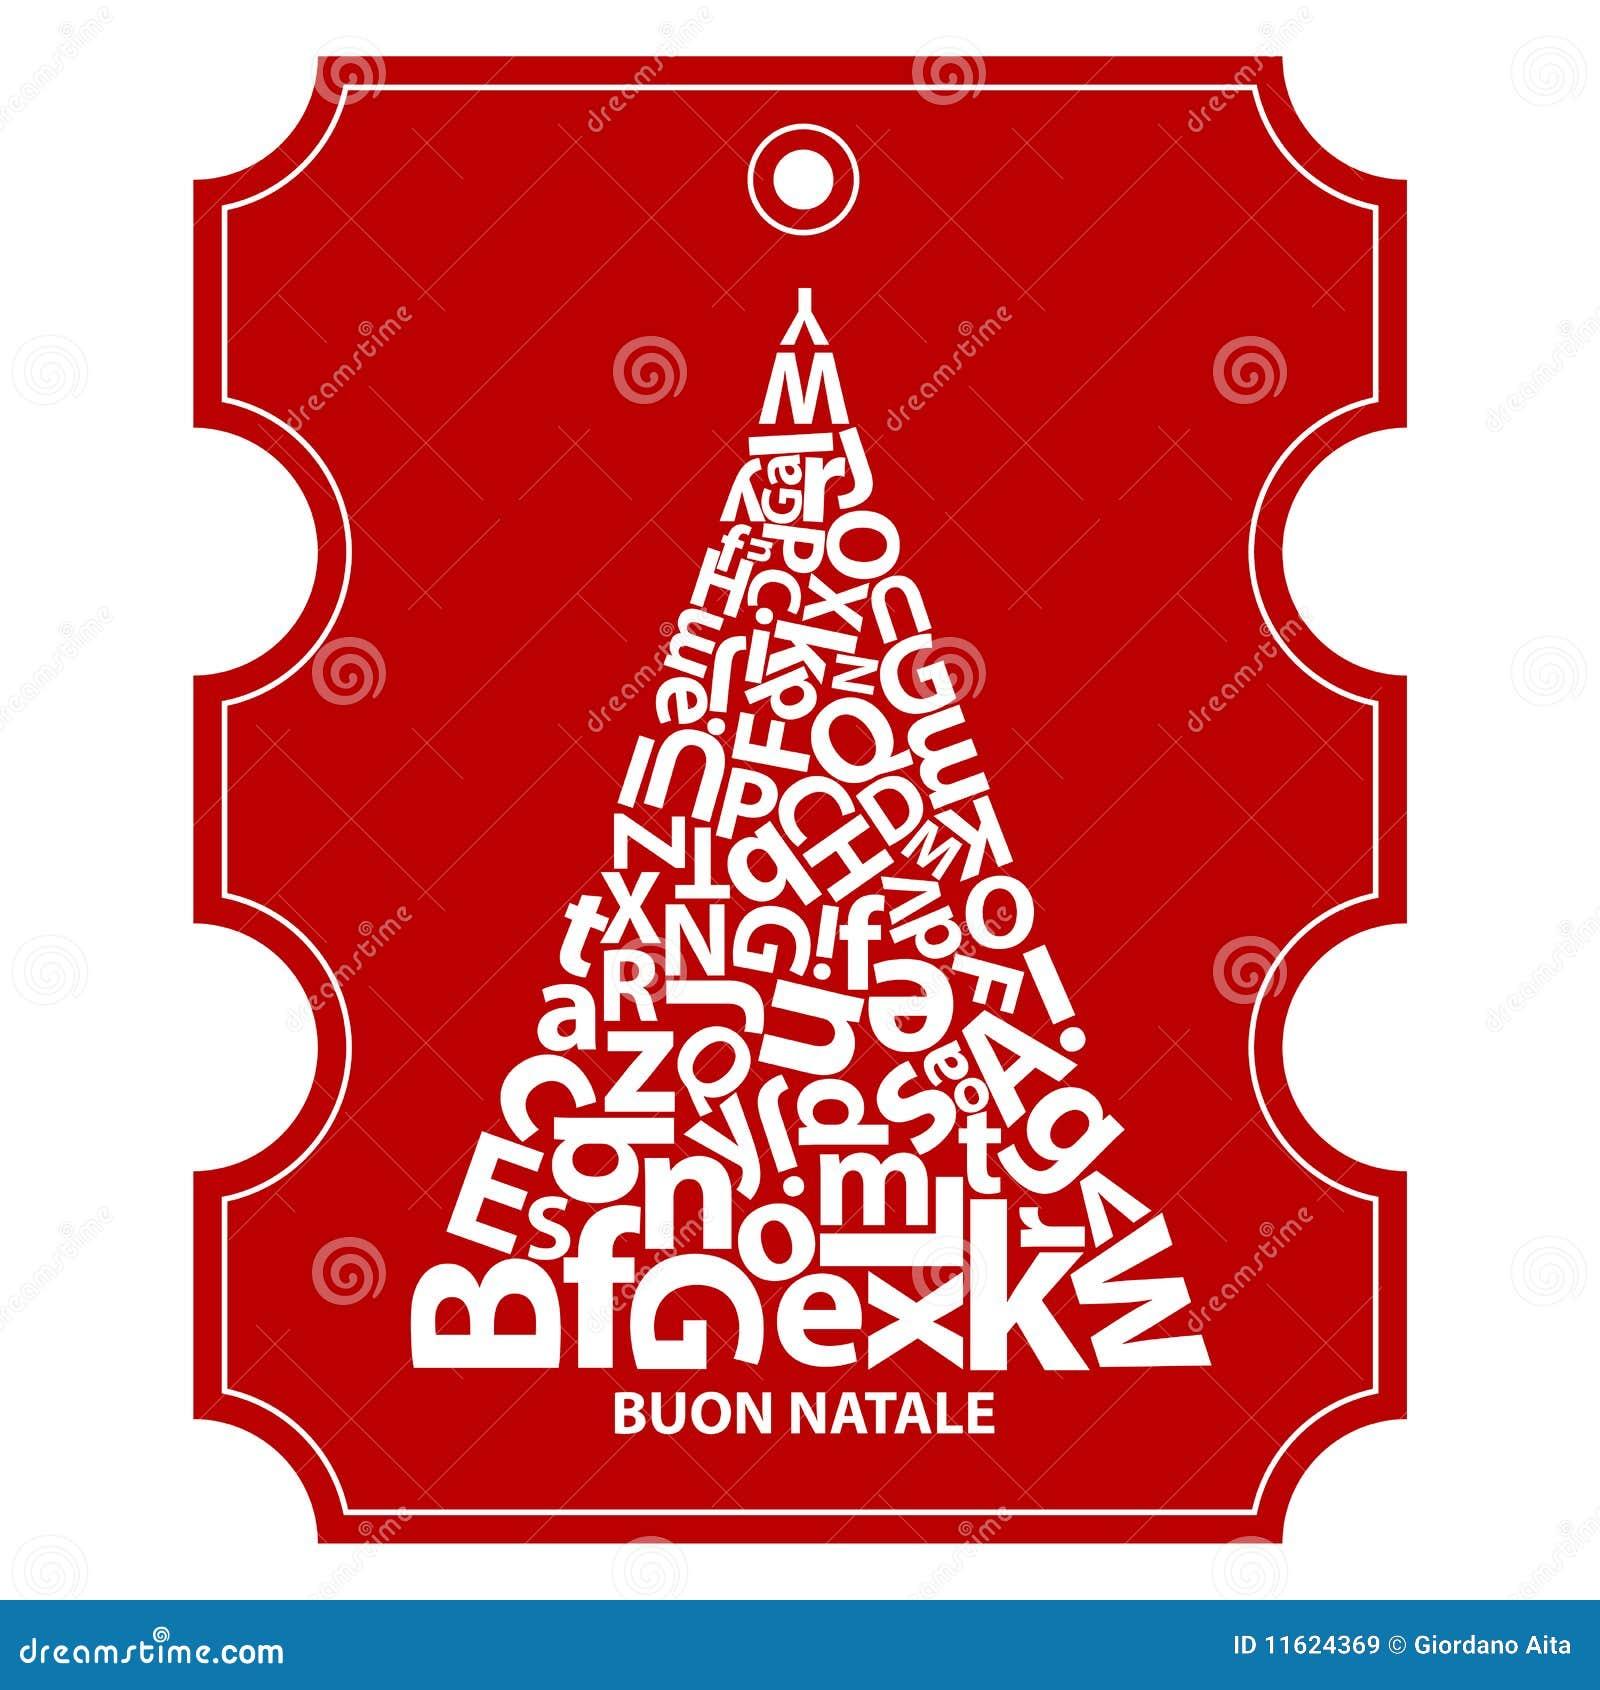 Immagini Natale Free.Buon Natale Stock Vector Illustration Of Decorative 11624369